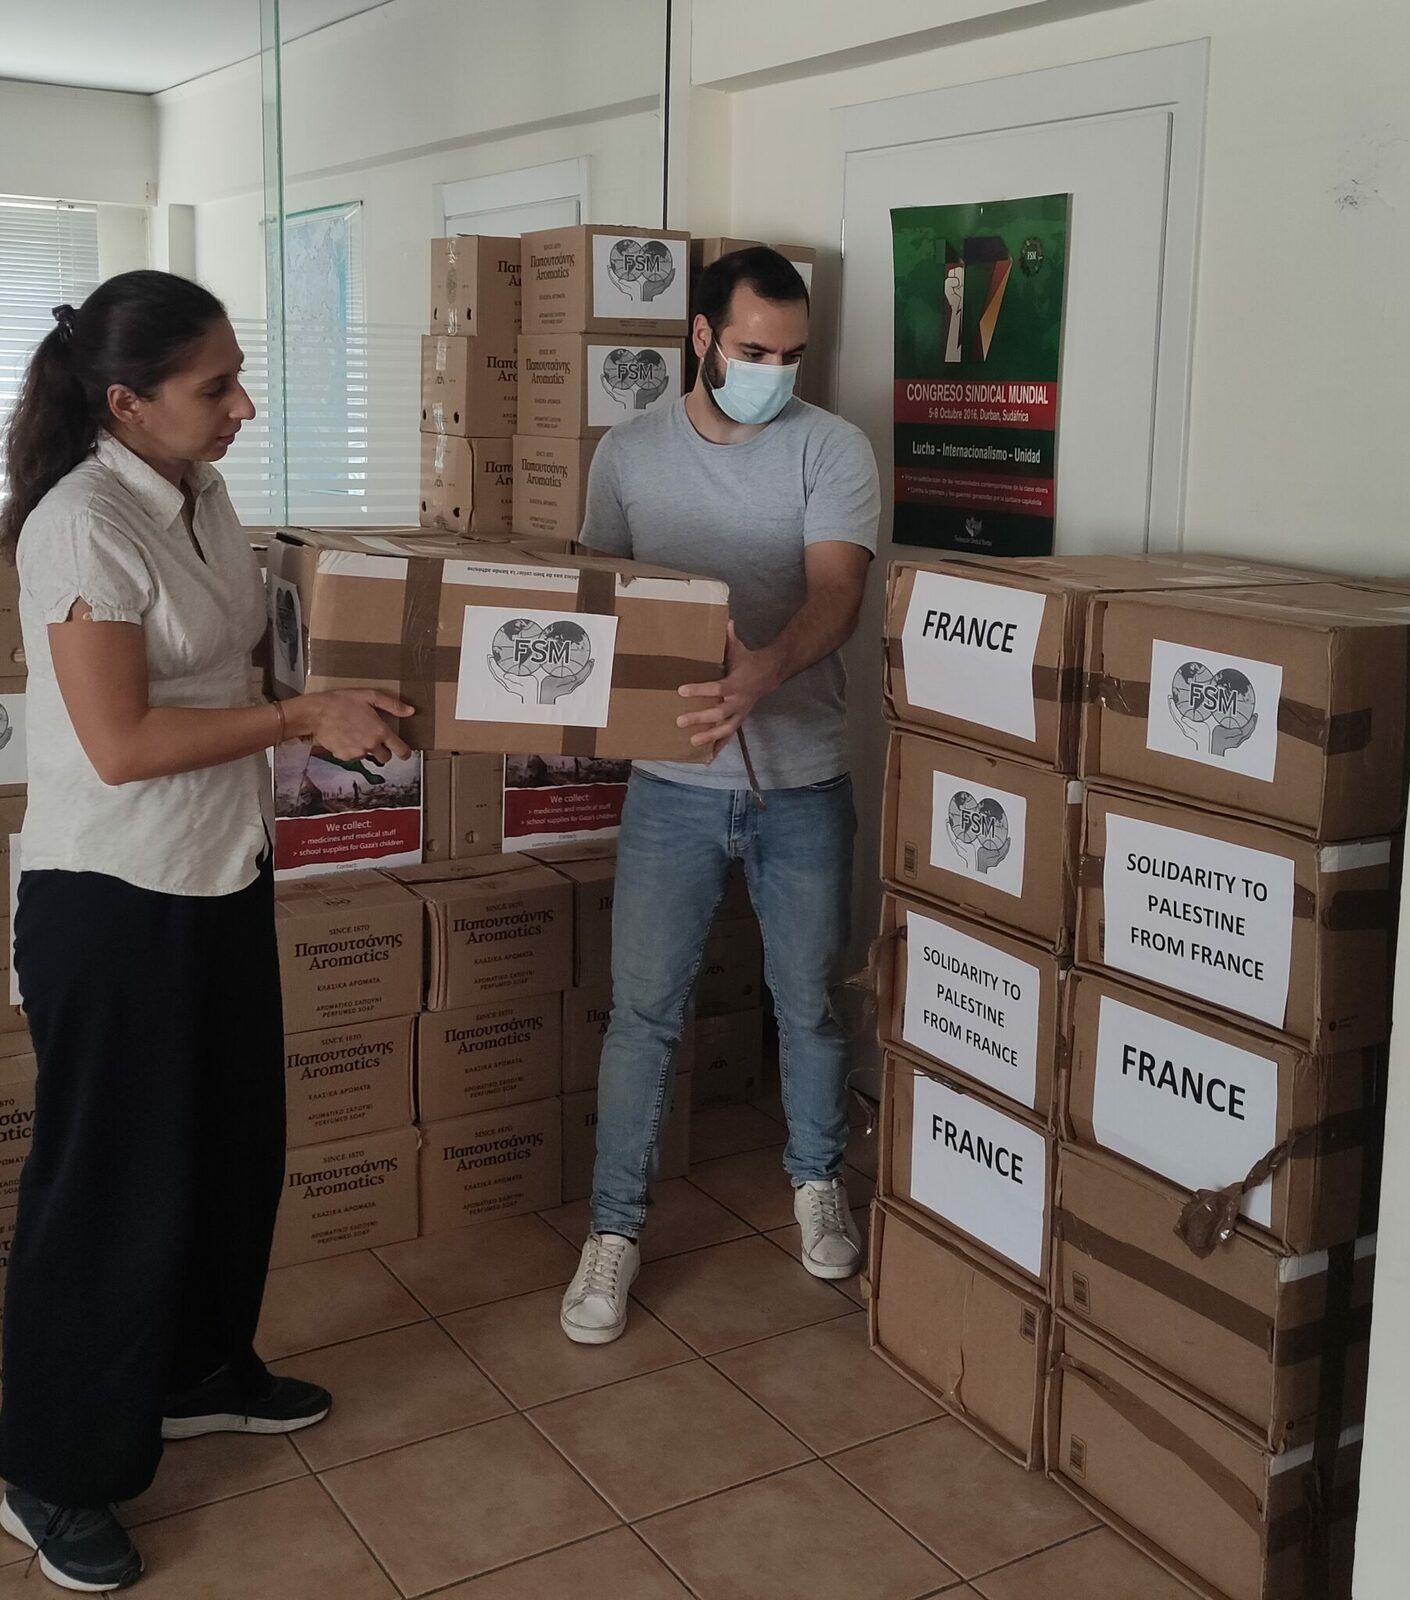 Onze cartons de produits pharmaceutiques pour la Palestine ont été livrés dans les bureaux centraux de la FSM par la CGT des Cheminots de Versailles – France